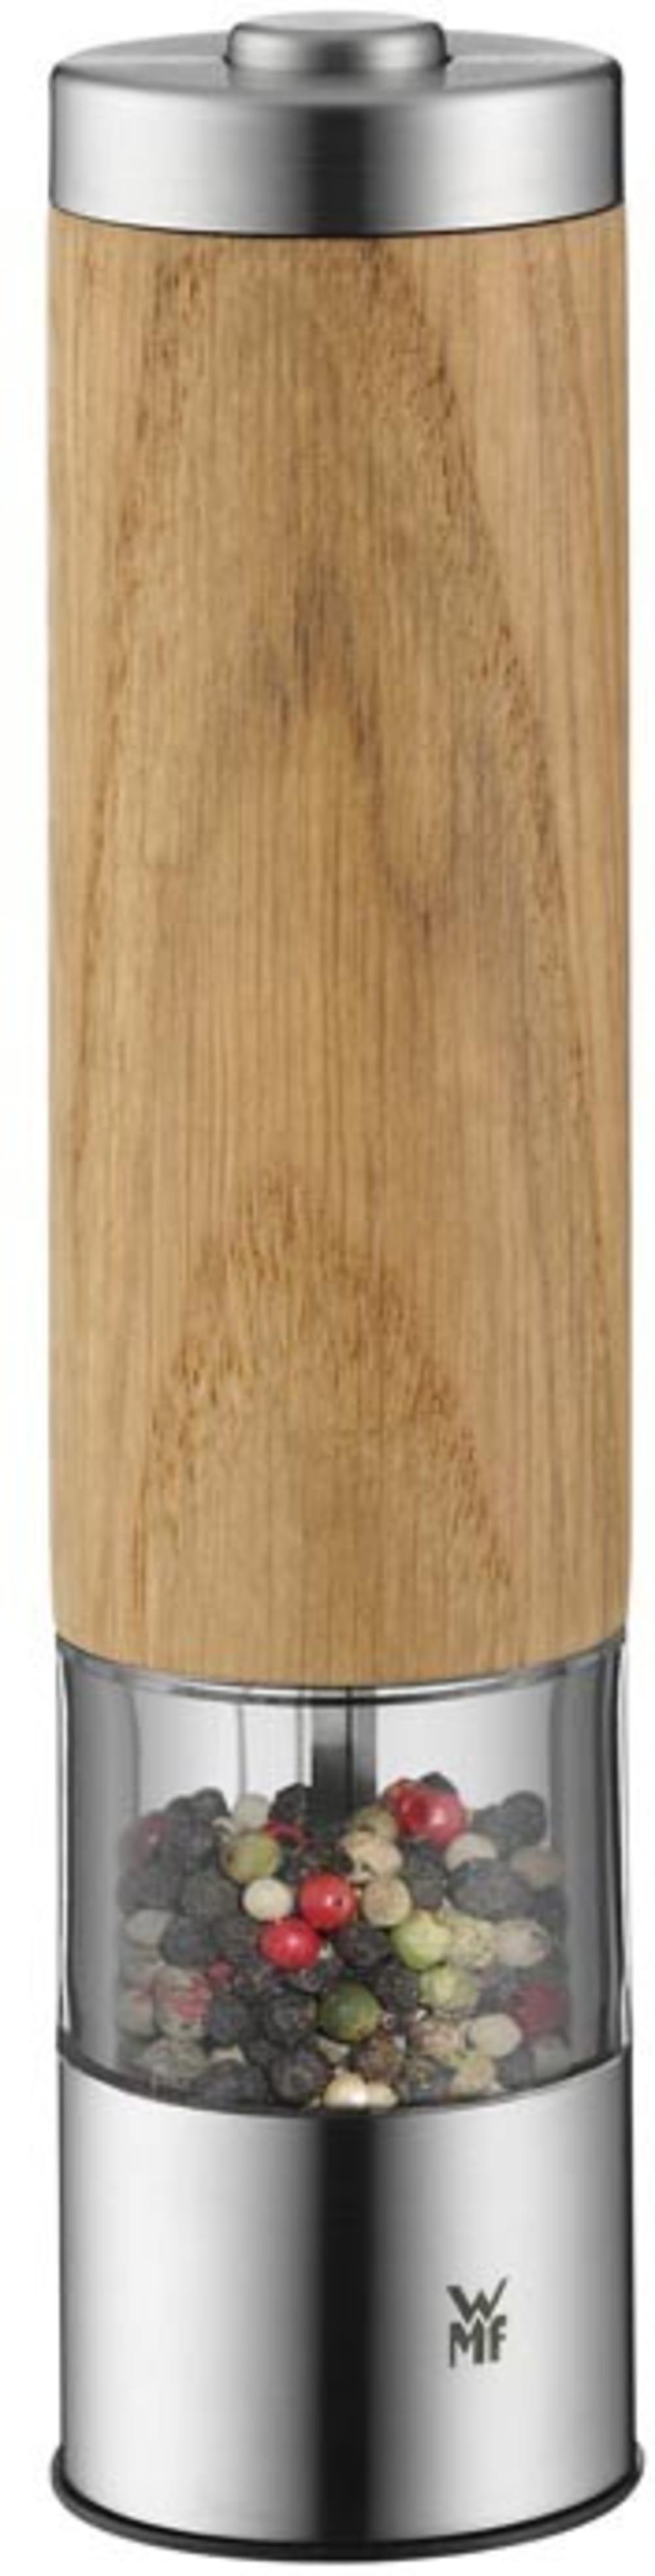 WMF - Drewniany elektryczny młynek